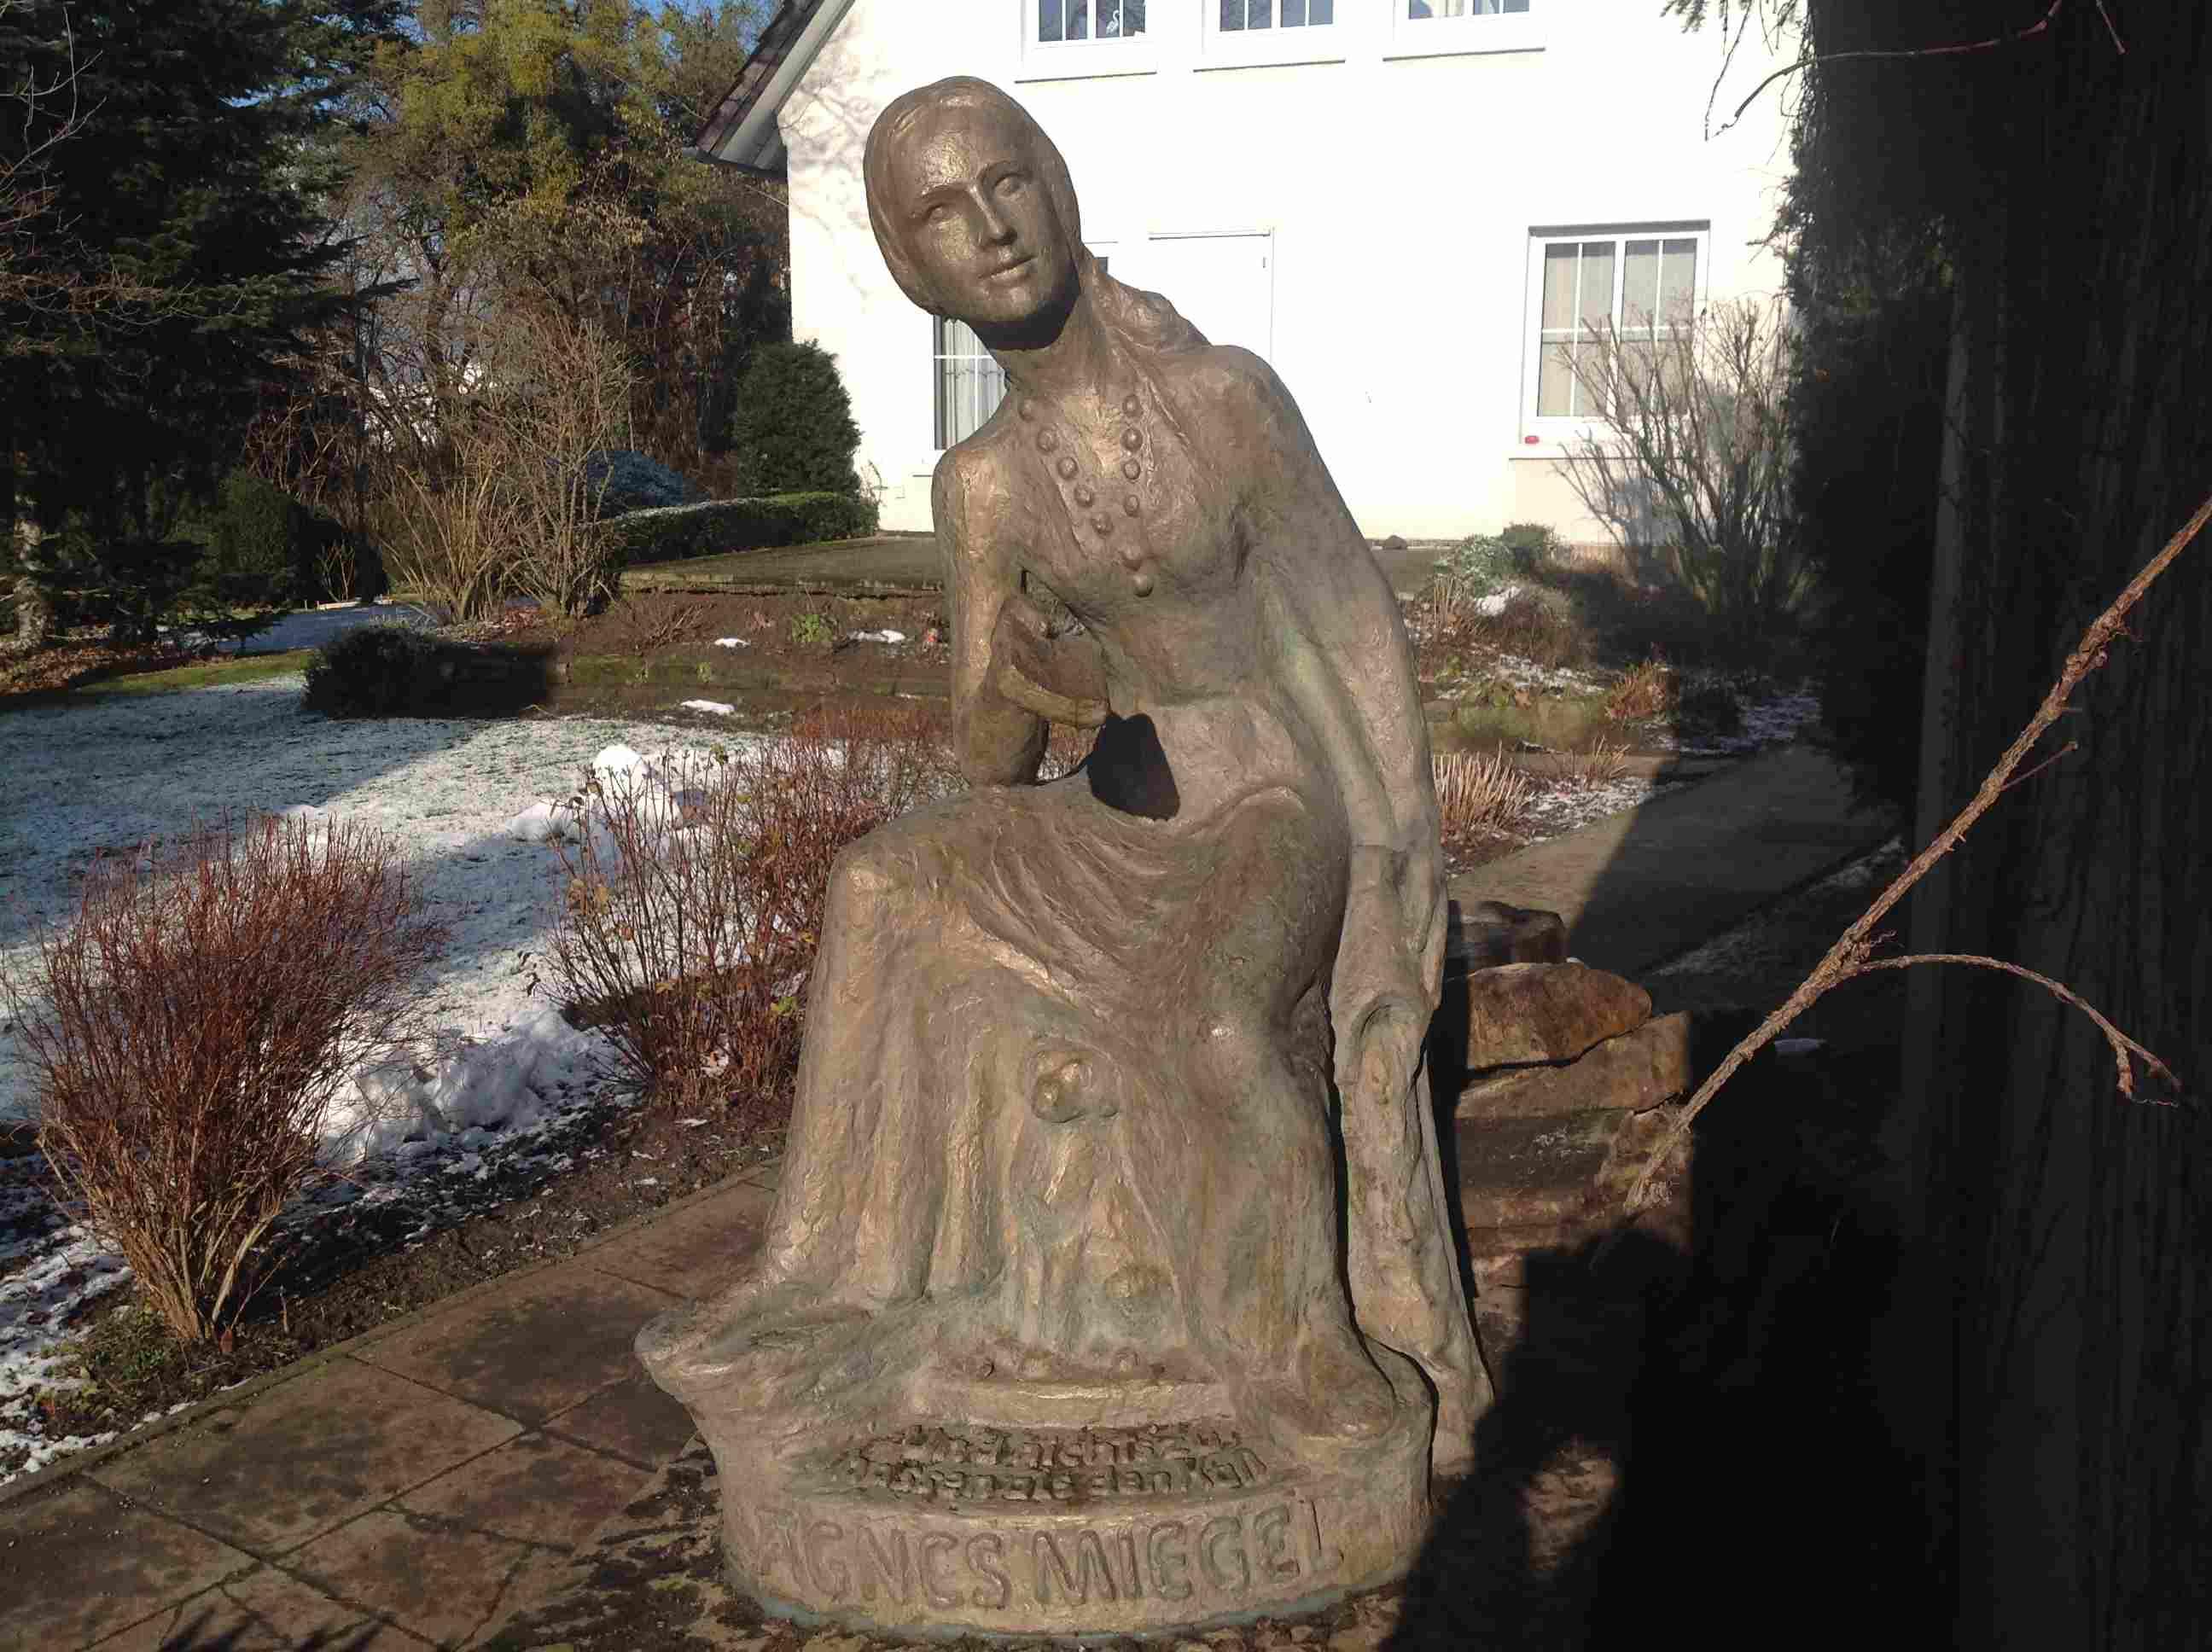 Agnes-Miegel-Denkmal, Februar 2015